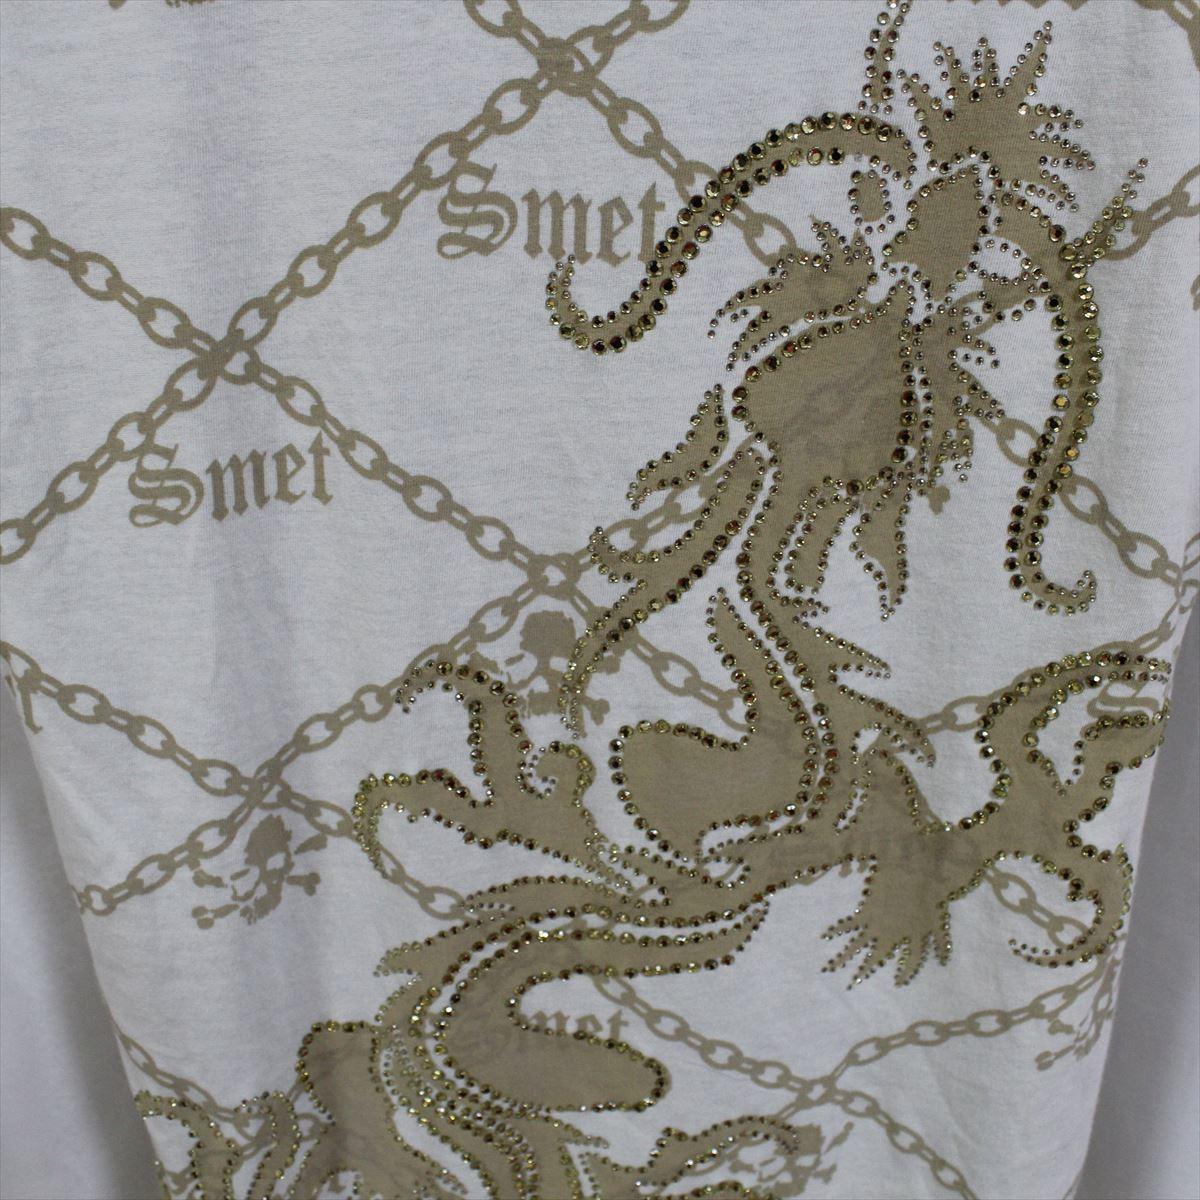 スメット SMET メンズ半袖Tシャツ アイボリー Sサイズ NO8 新品 昇竜_画像4